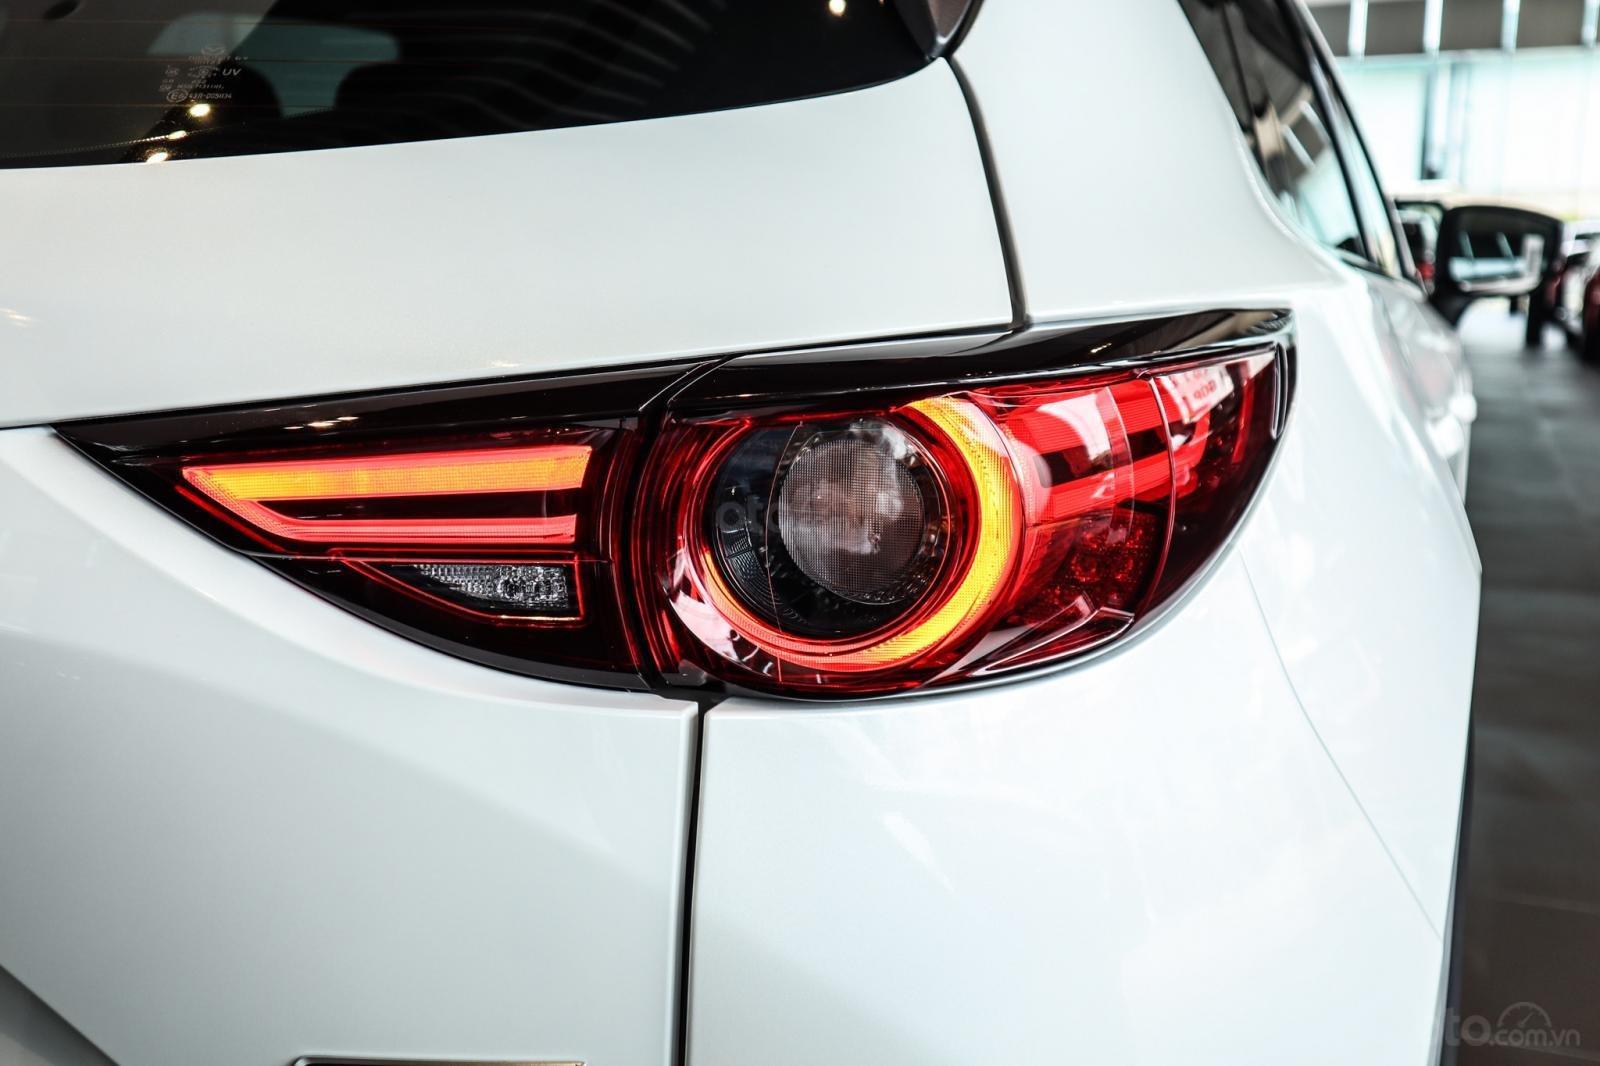 Bán Mazda CX5 đẳng cấp thời thượng, là sự lựa chọn thông minh và giá hợp lý (11)